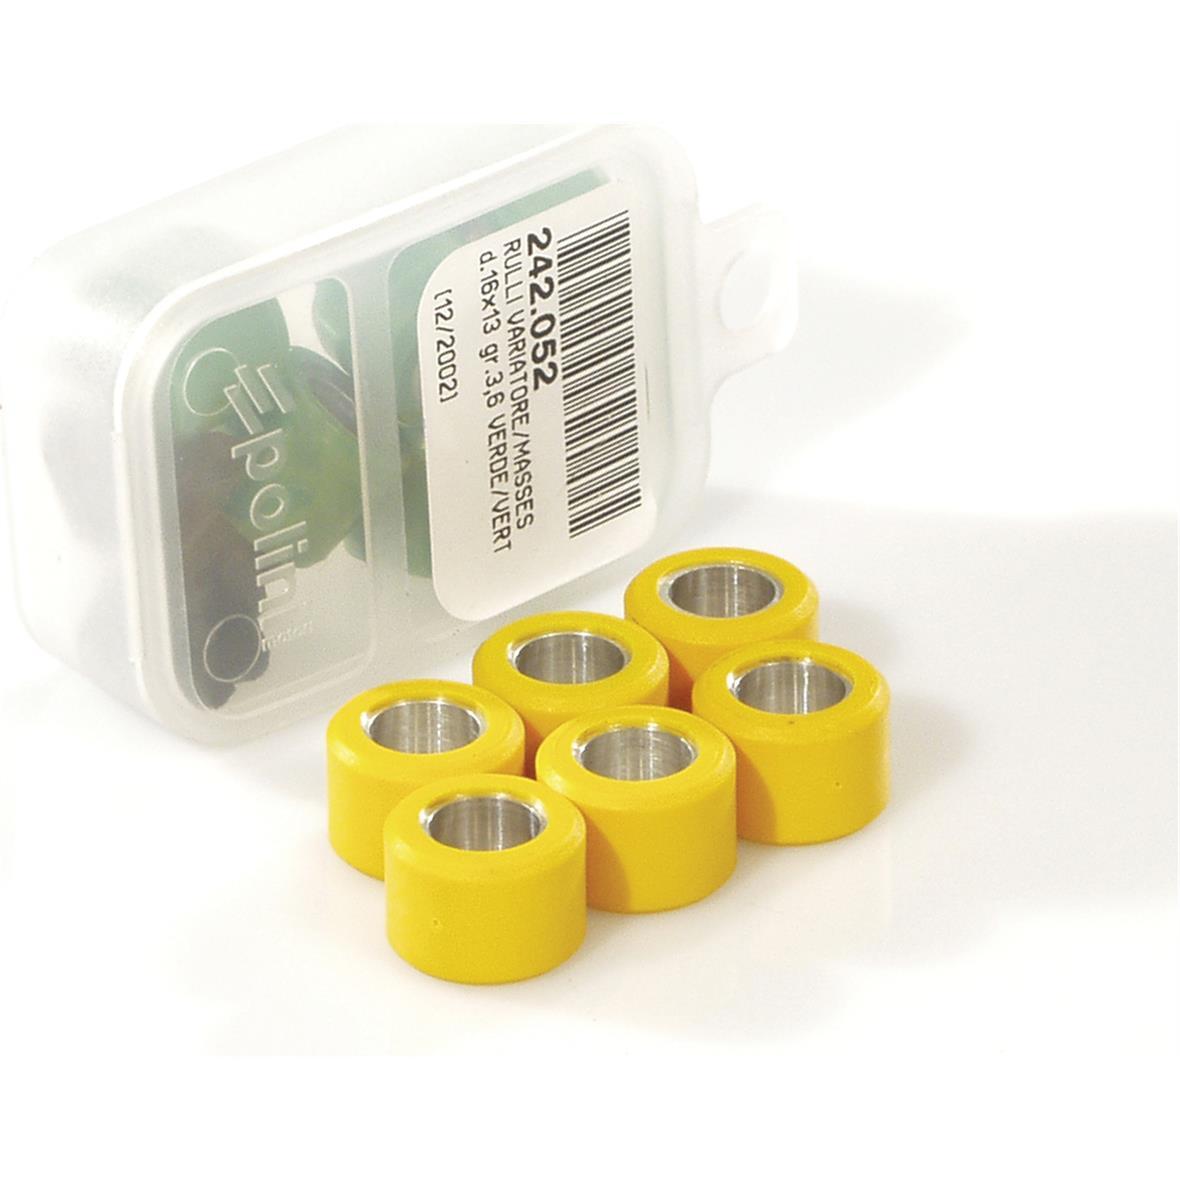 Productafbeelding voor 'Variateur Rollen POLINI 15x12 mm 3,0 gramTitle'